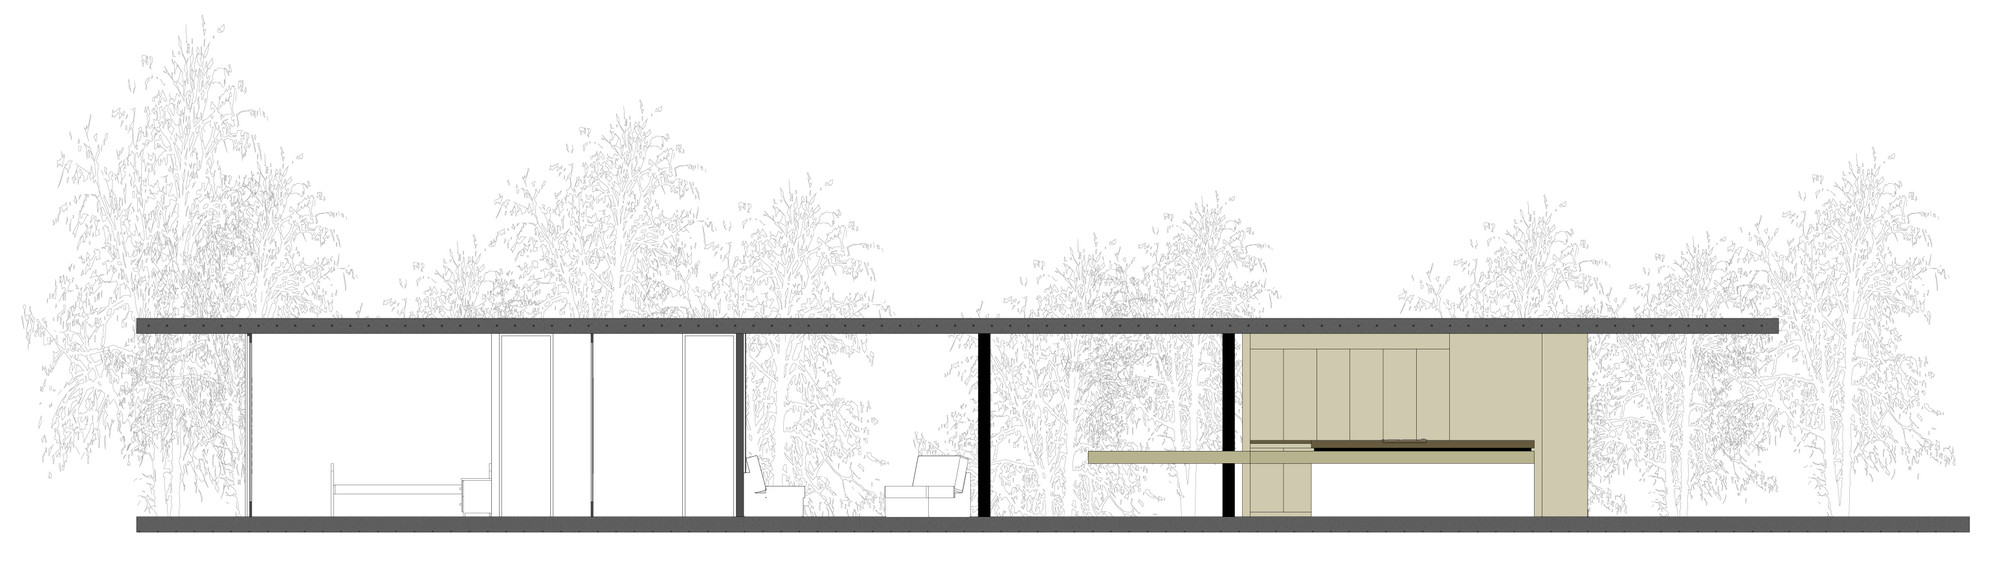 Galería de Los Faiques / Duran & Hermida Arquitectos - 16